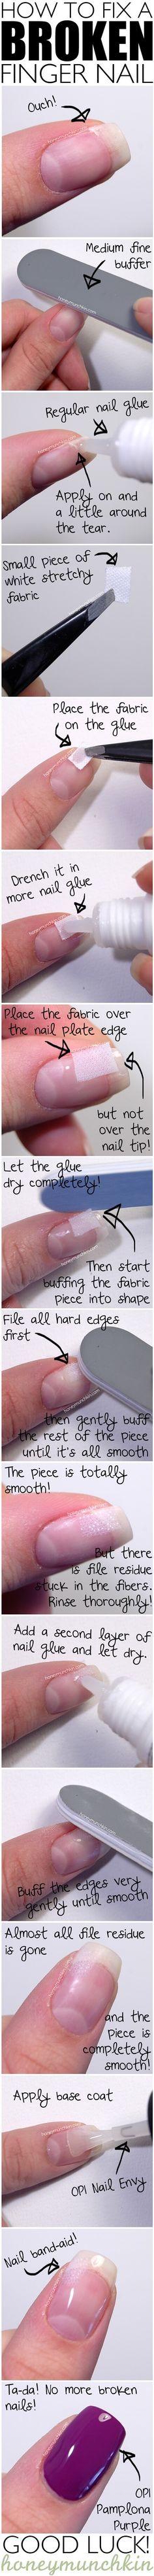 Perfektioniere deine Schönheitsroutine mit diesen 10 schlauen Beauty Tipps - Nagel reparieren